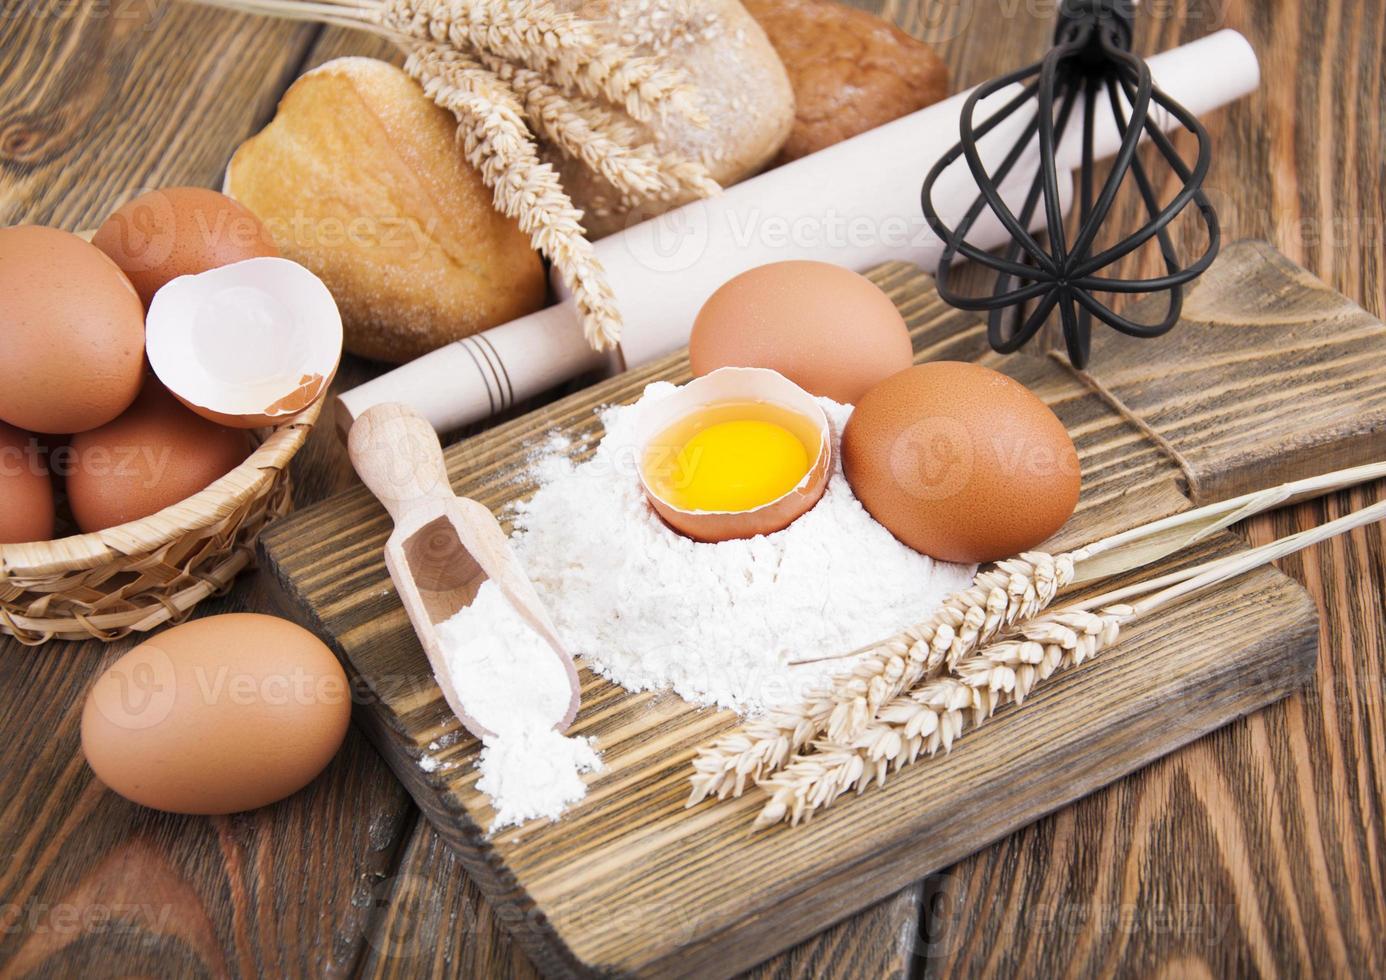 bakning ingredienser foto